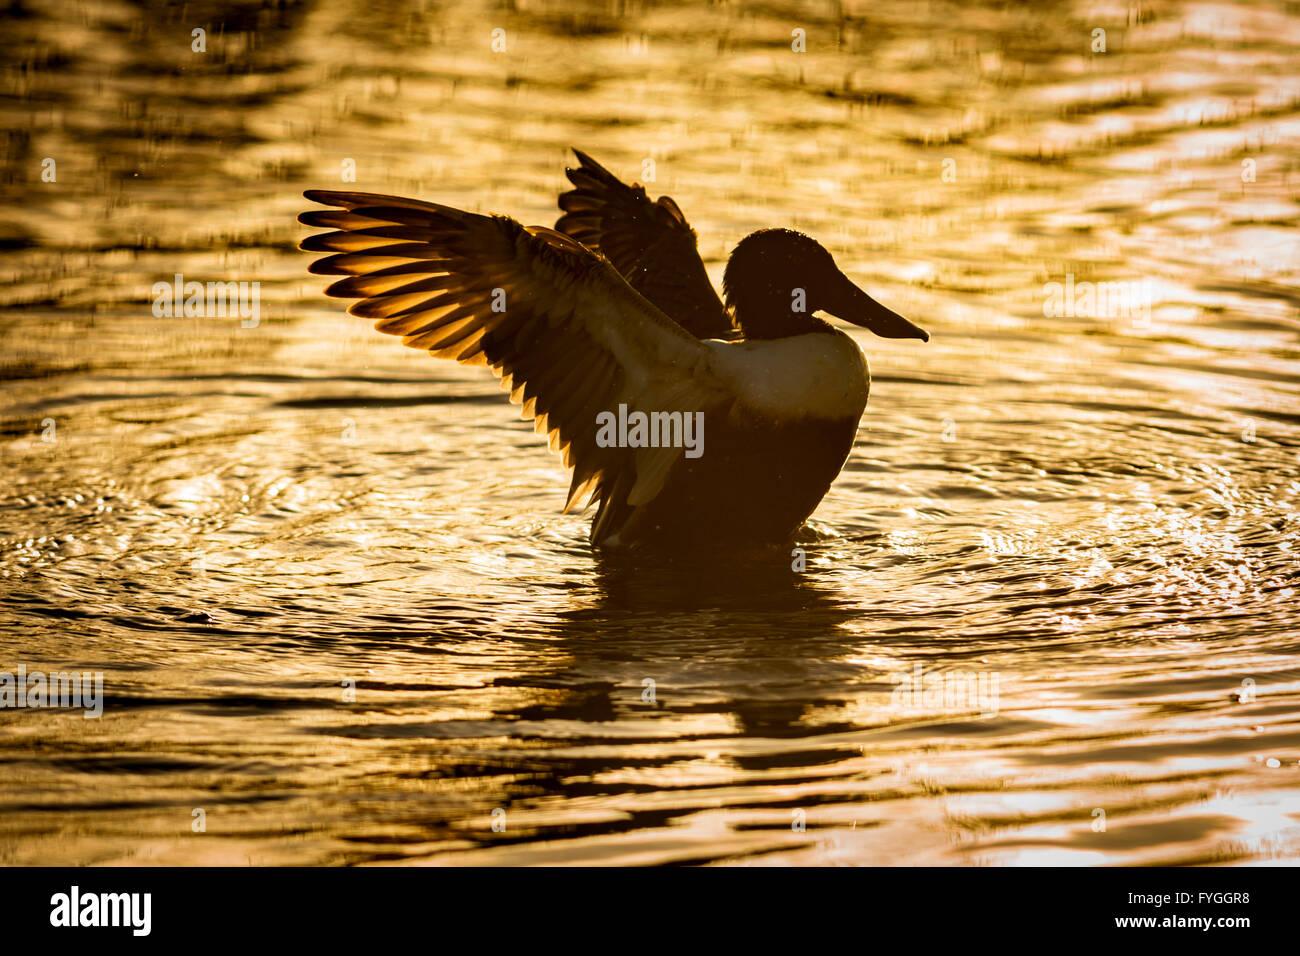 Un mestolone duck, stirando le sue ali, nella luce del sole dorato Immagini Stock